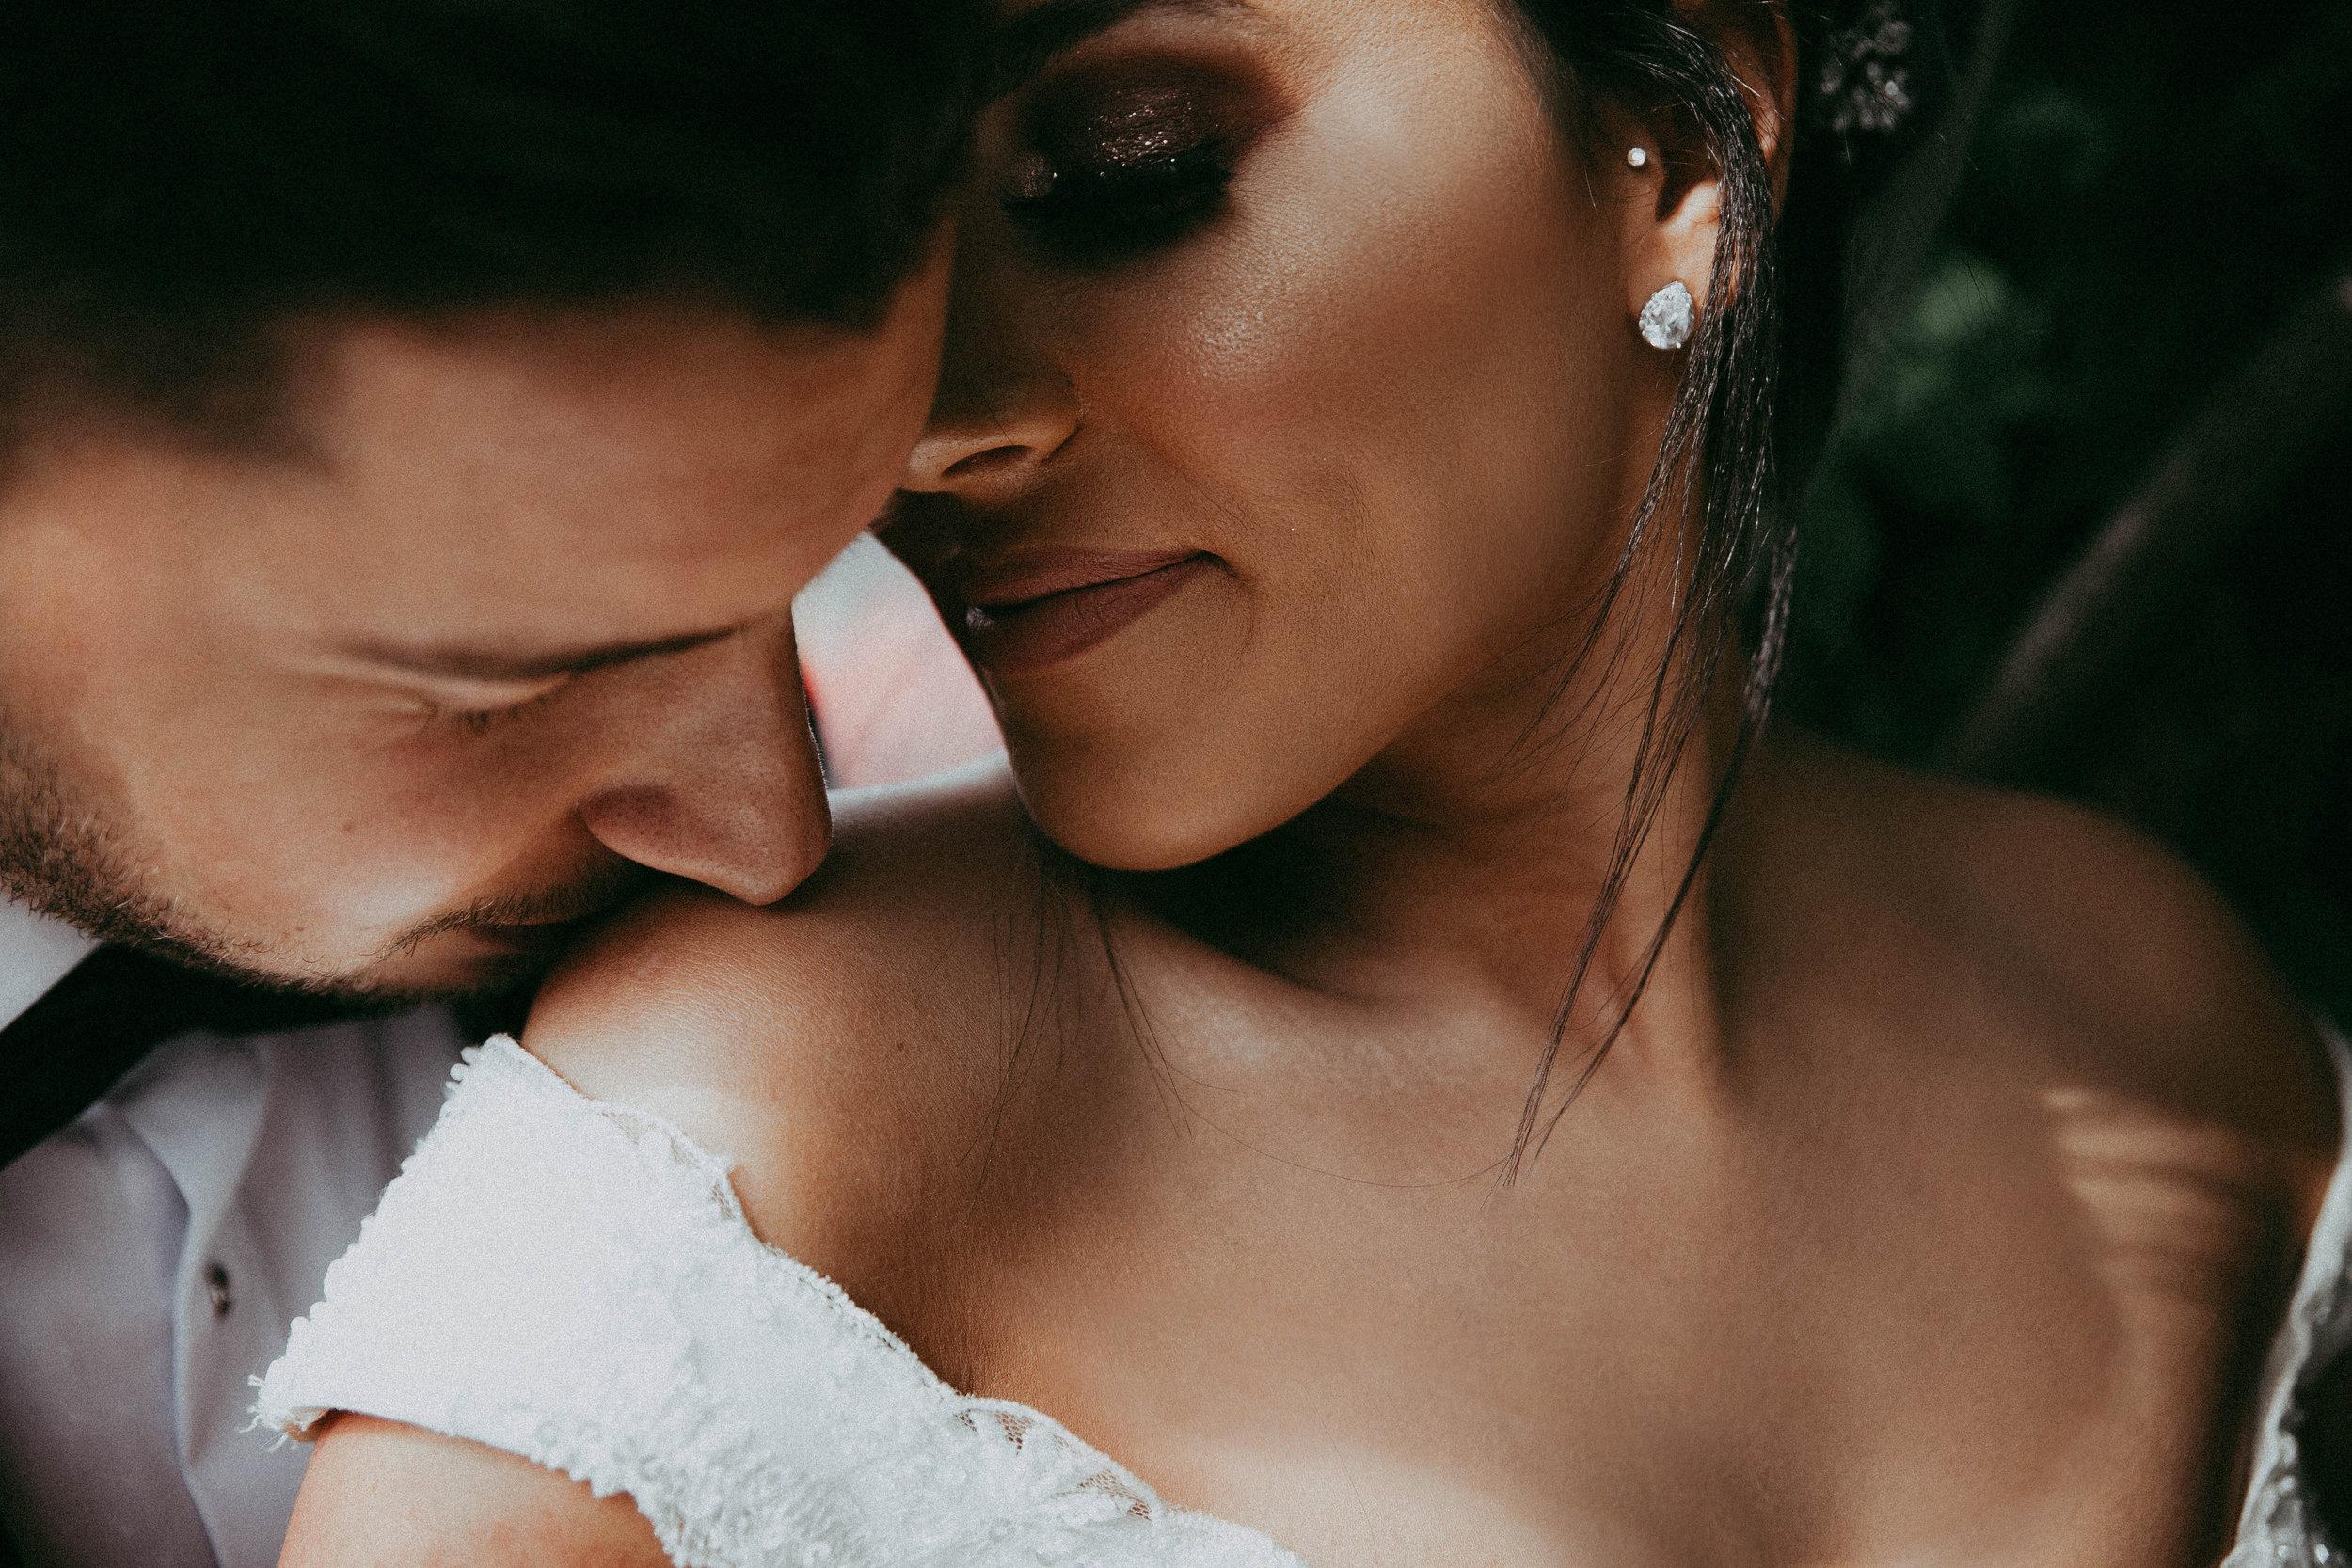 Bräutigam, der Braut auf Schulter küsst.jpg